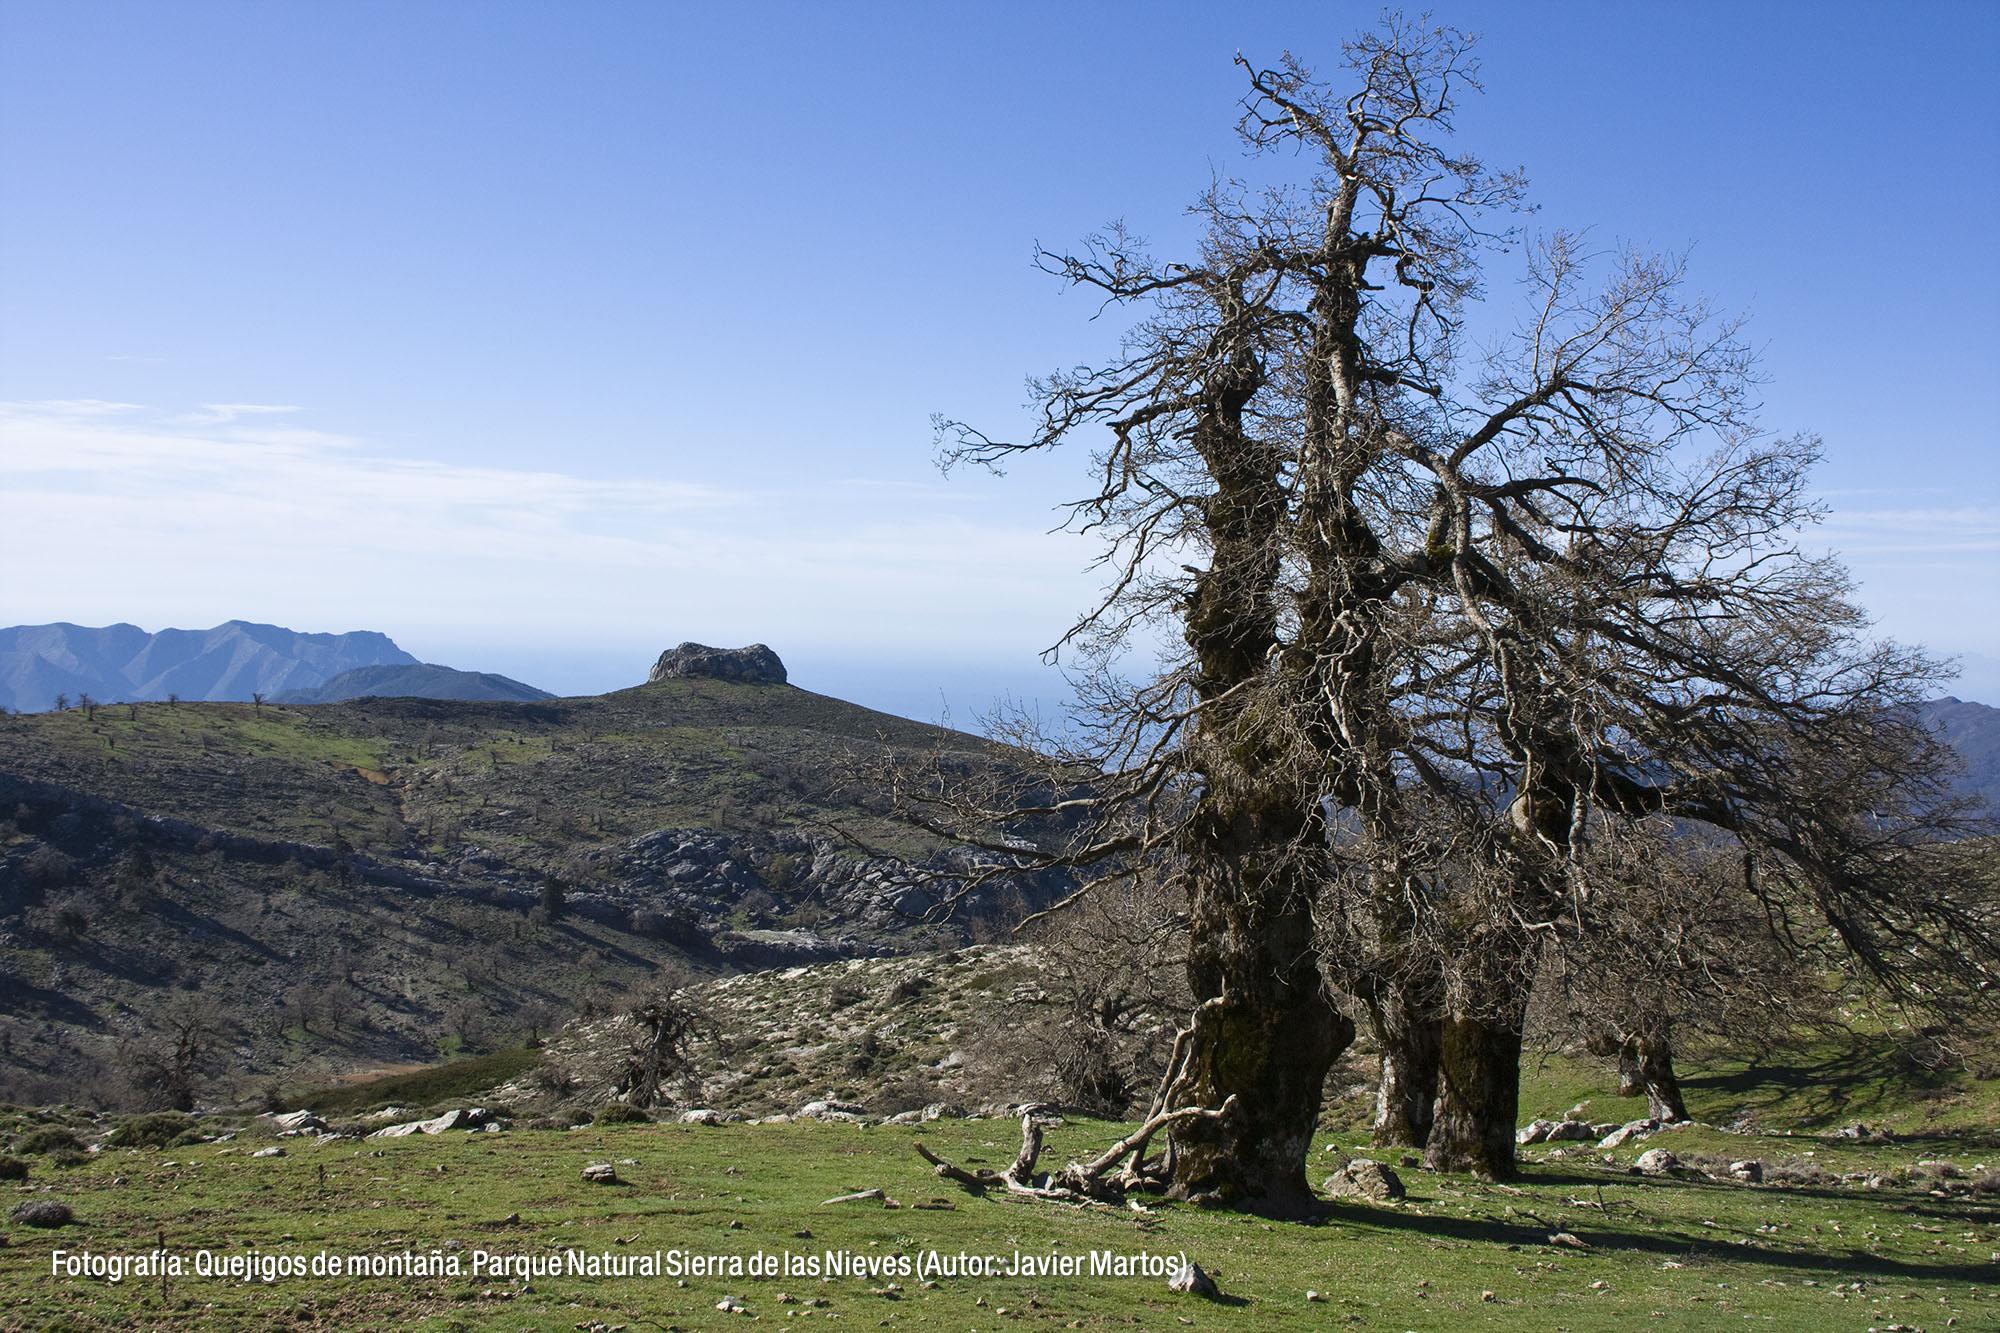 Quejigo de montaña. Parque Natural Sierra de las Nieves